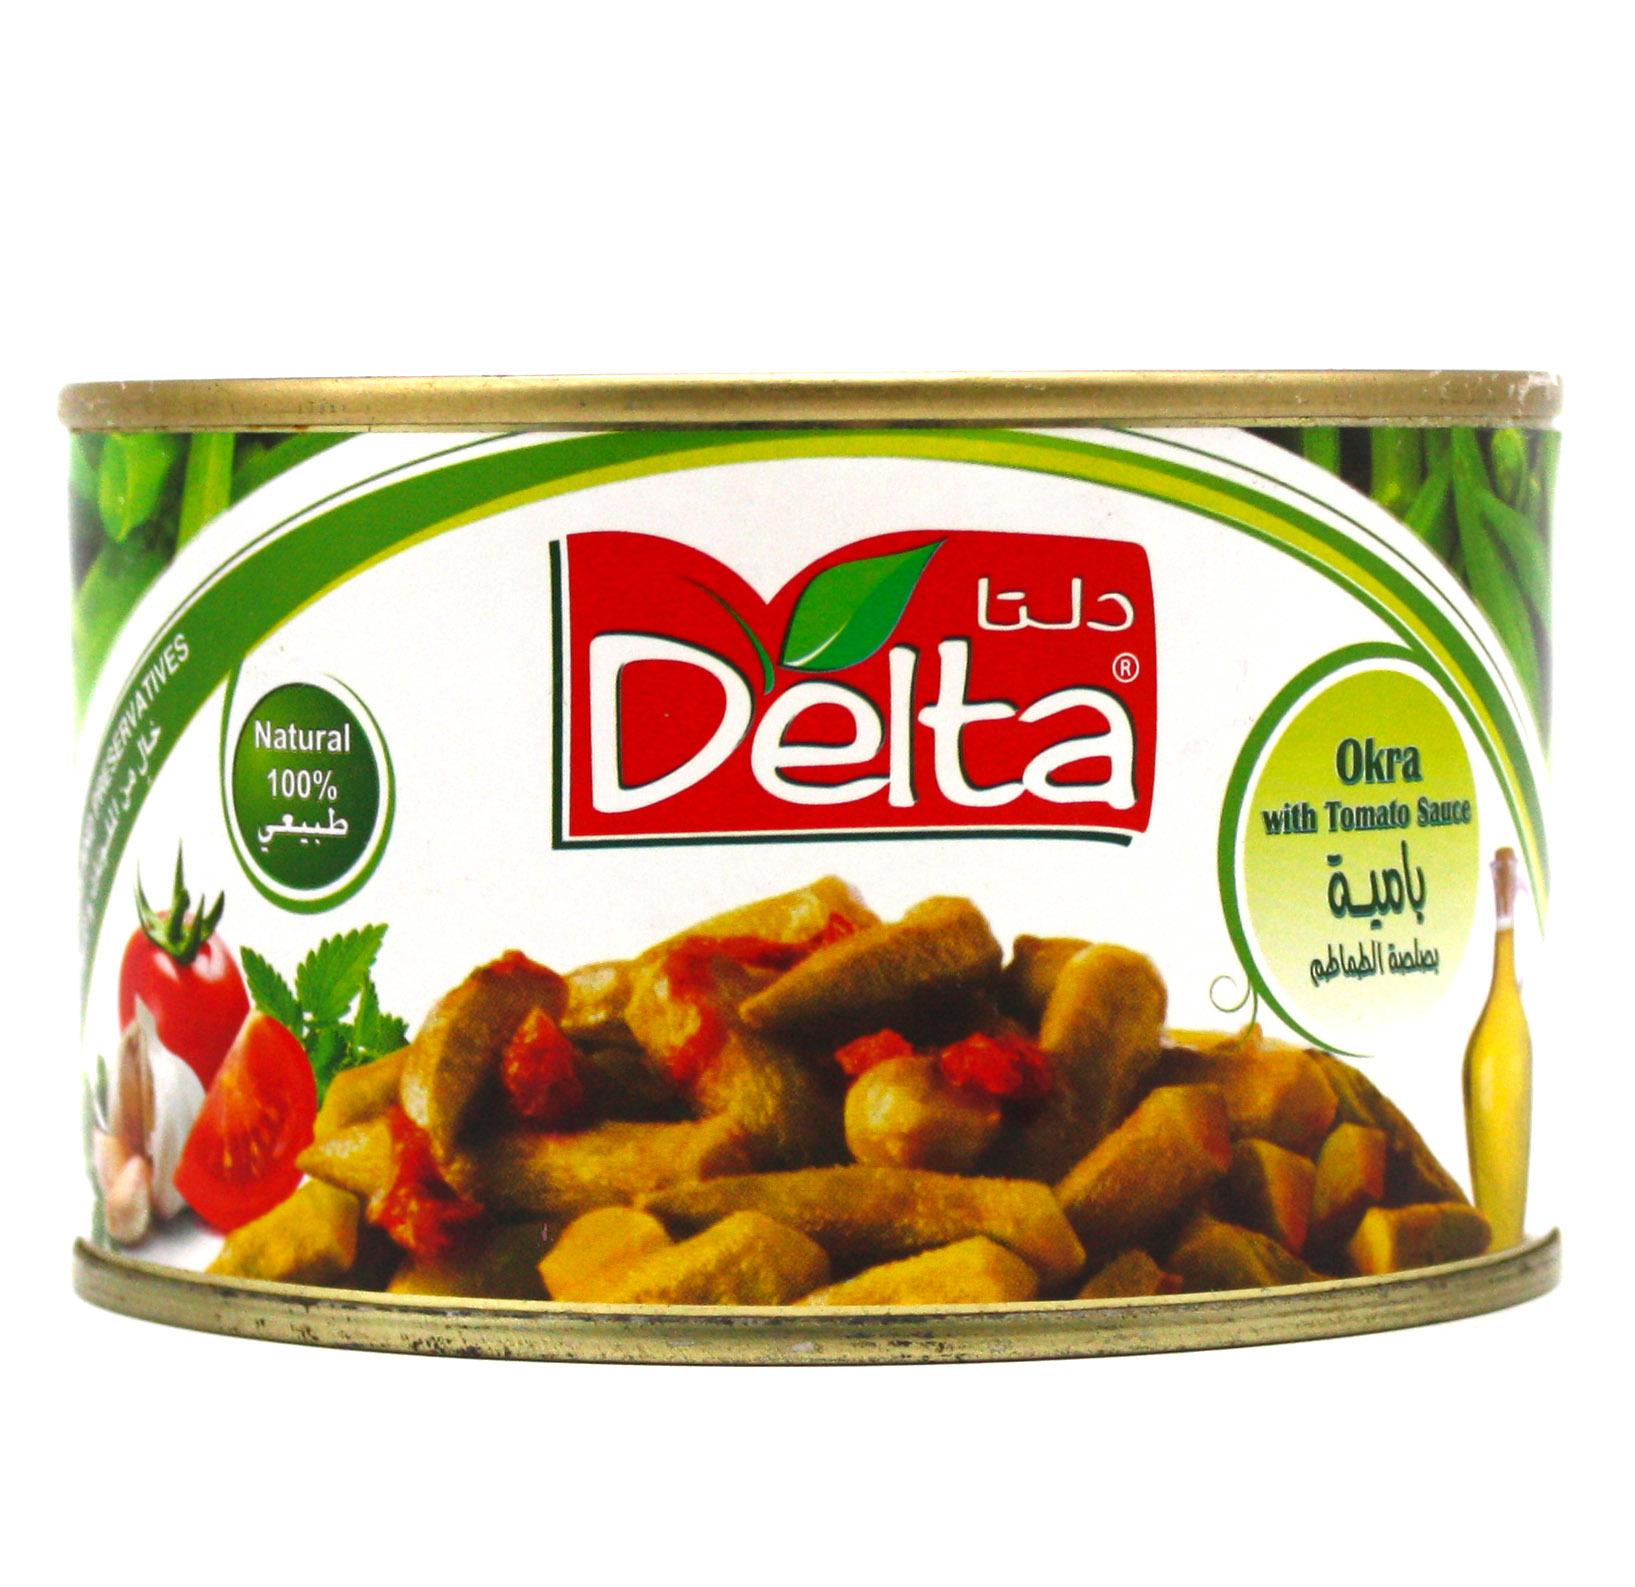 Бамия с томатным соусом, Delta, 400 г import_files_20_209c7d732dd011e9a9a6484d7ecee297_8928834130f111e9a9a6484d7ecee297.jpg